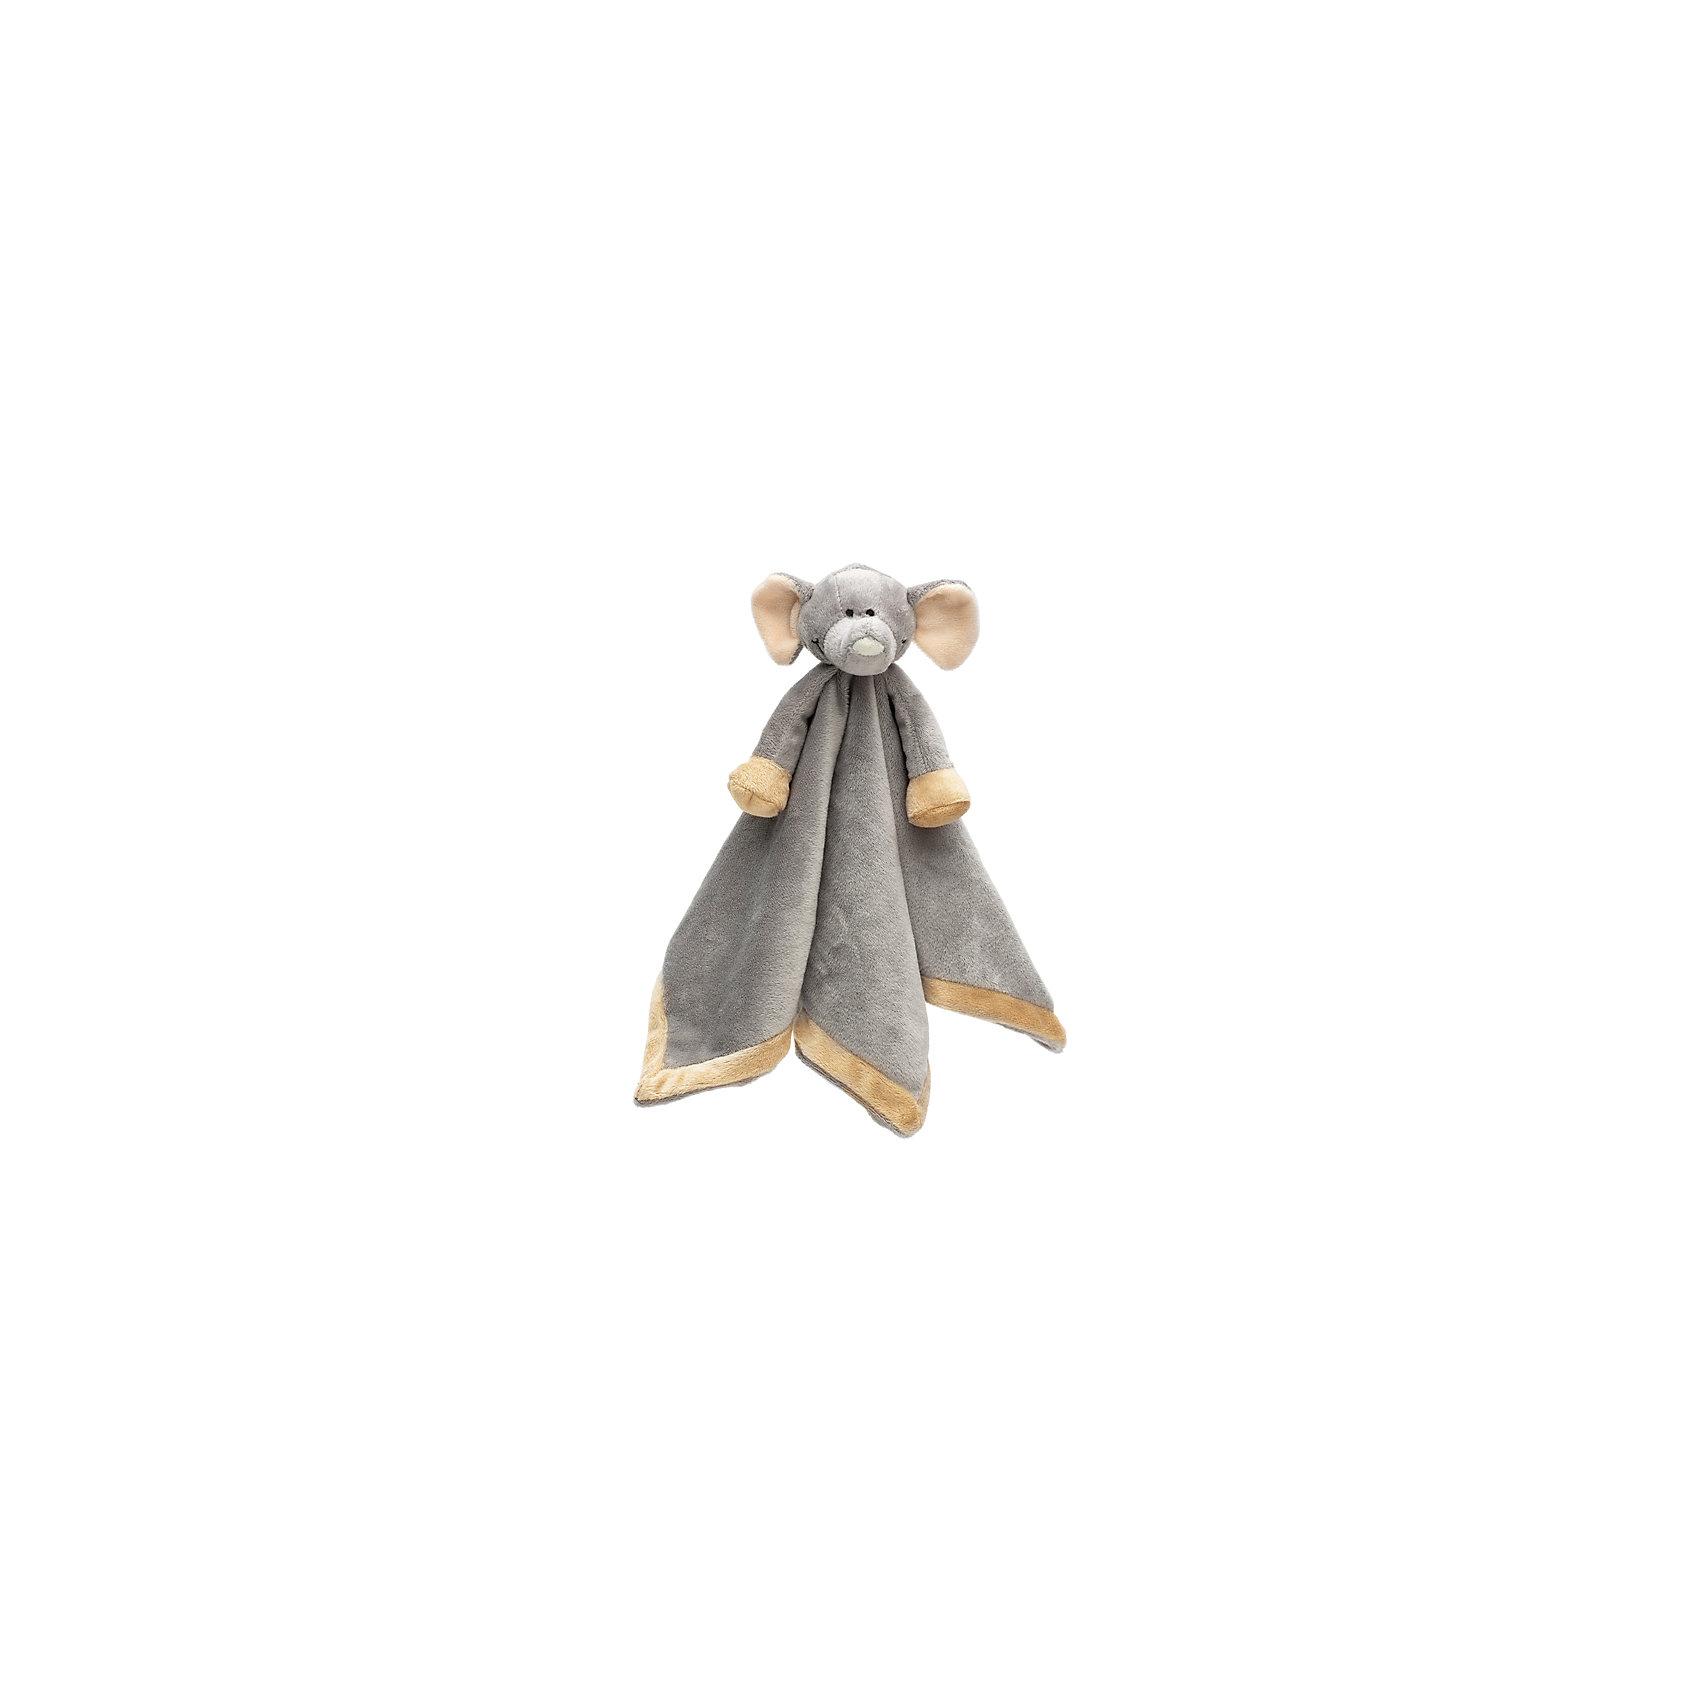 игрушка-салфетка Слон, ДинглисарИгрушки-платочки<br>Характеристики мягкой игрушки Teddykompaniet: <br><br>• размер салфетки: 35х35 см;<br>• материал: 100% хлопок (безворсовый велюр);<br>• серия: Динглисар.<br><br>Мягкая велюровая салфетка для малышей декорирована объемной мордочкой слоника, которая находится в центре салфетки. Малыш теребит салфетку в ручках, прикосновения к мягкому велюровому материалу развивают тактильное восприятие крохи. Салфетка хорошо впитывает влагу, ее можно использовать на этапе прорезывания зубок, когда у малыша обильное слюноотделение. <br><br>В процессе игры развивается мелкая моторика пальчиков, цветовосприятие, тактильное восприятие. <br><br>Игрушку-салфетку Слон, Динглисар можно купить в нашем интернет-магазине.<br><br>Ширина мм: 100<br>Глубина мм: 50<br>Высота мм: 100<br>Вес г: 100<br>Возраст от месяцев: 0<br>Возраст до месяцев: 12<br>Пол: Унисекс<br>Возраст: Детский<br>SKU: 5219518